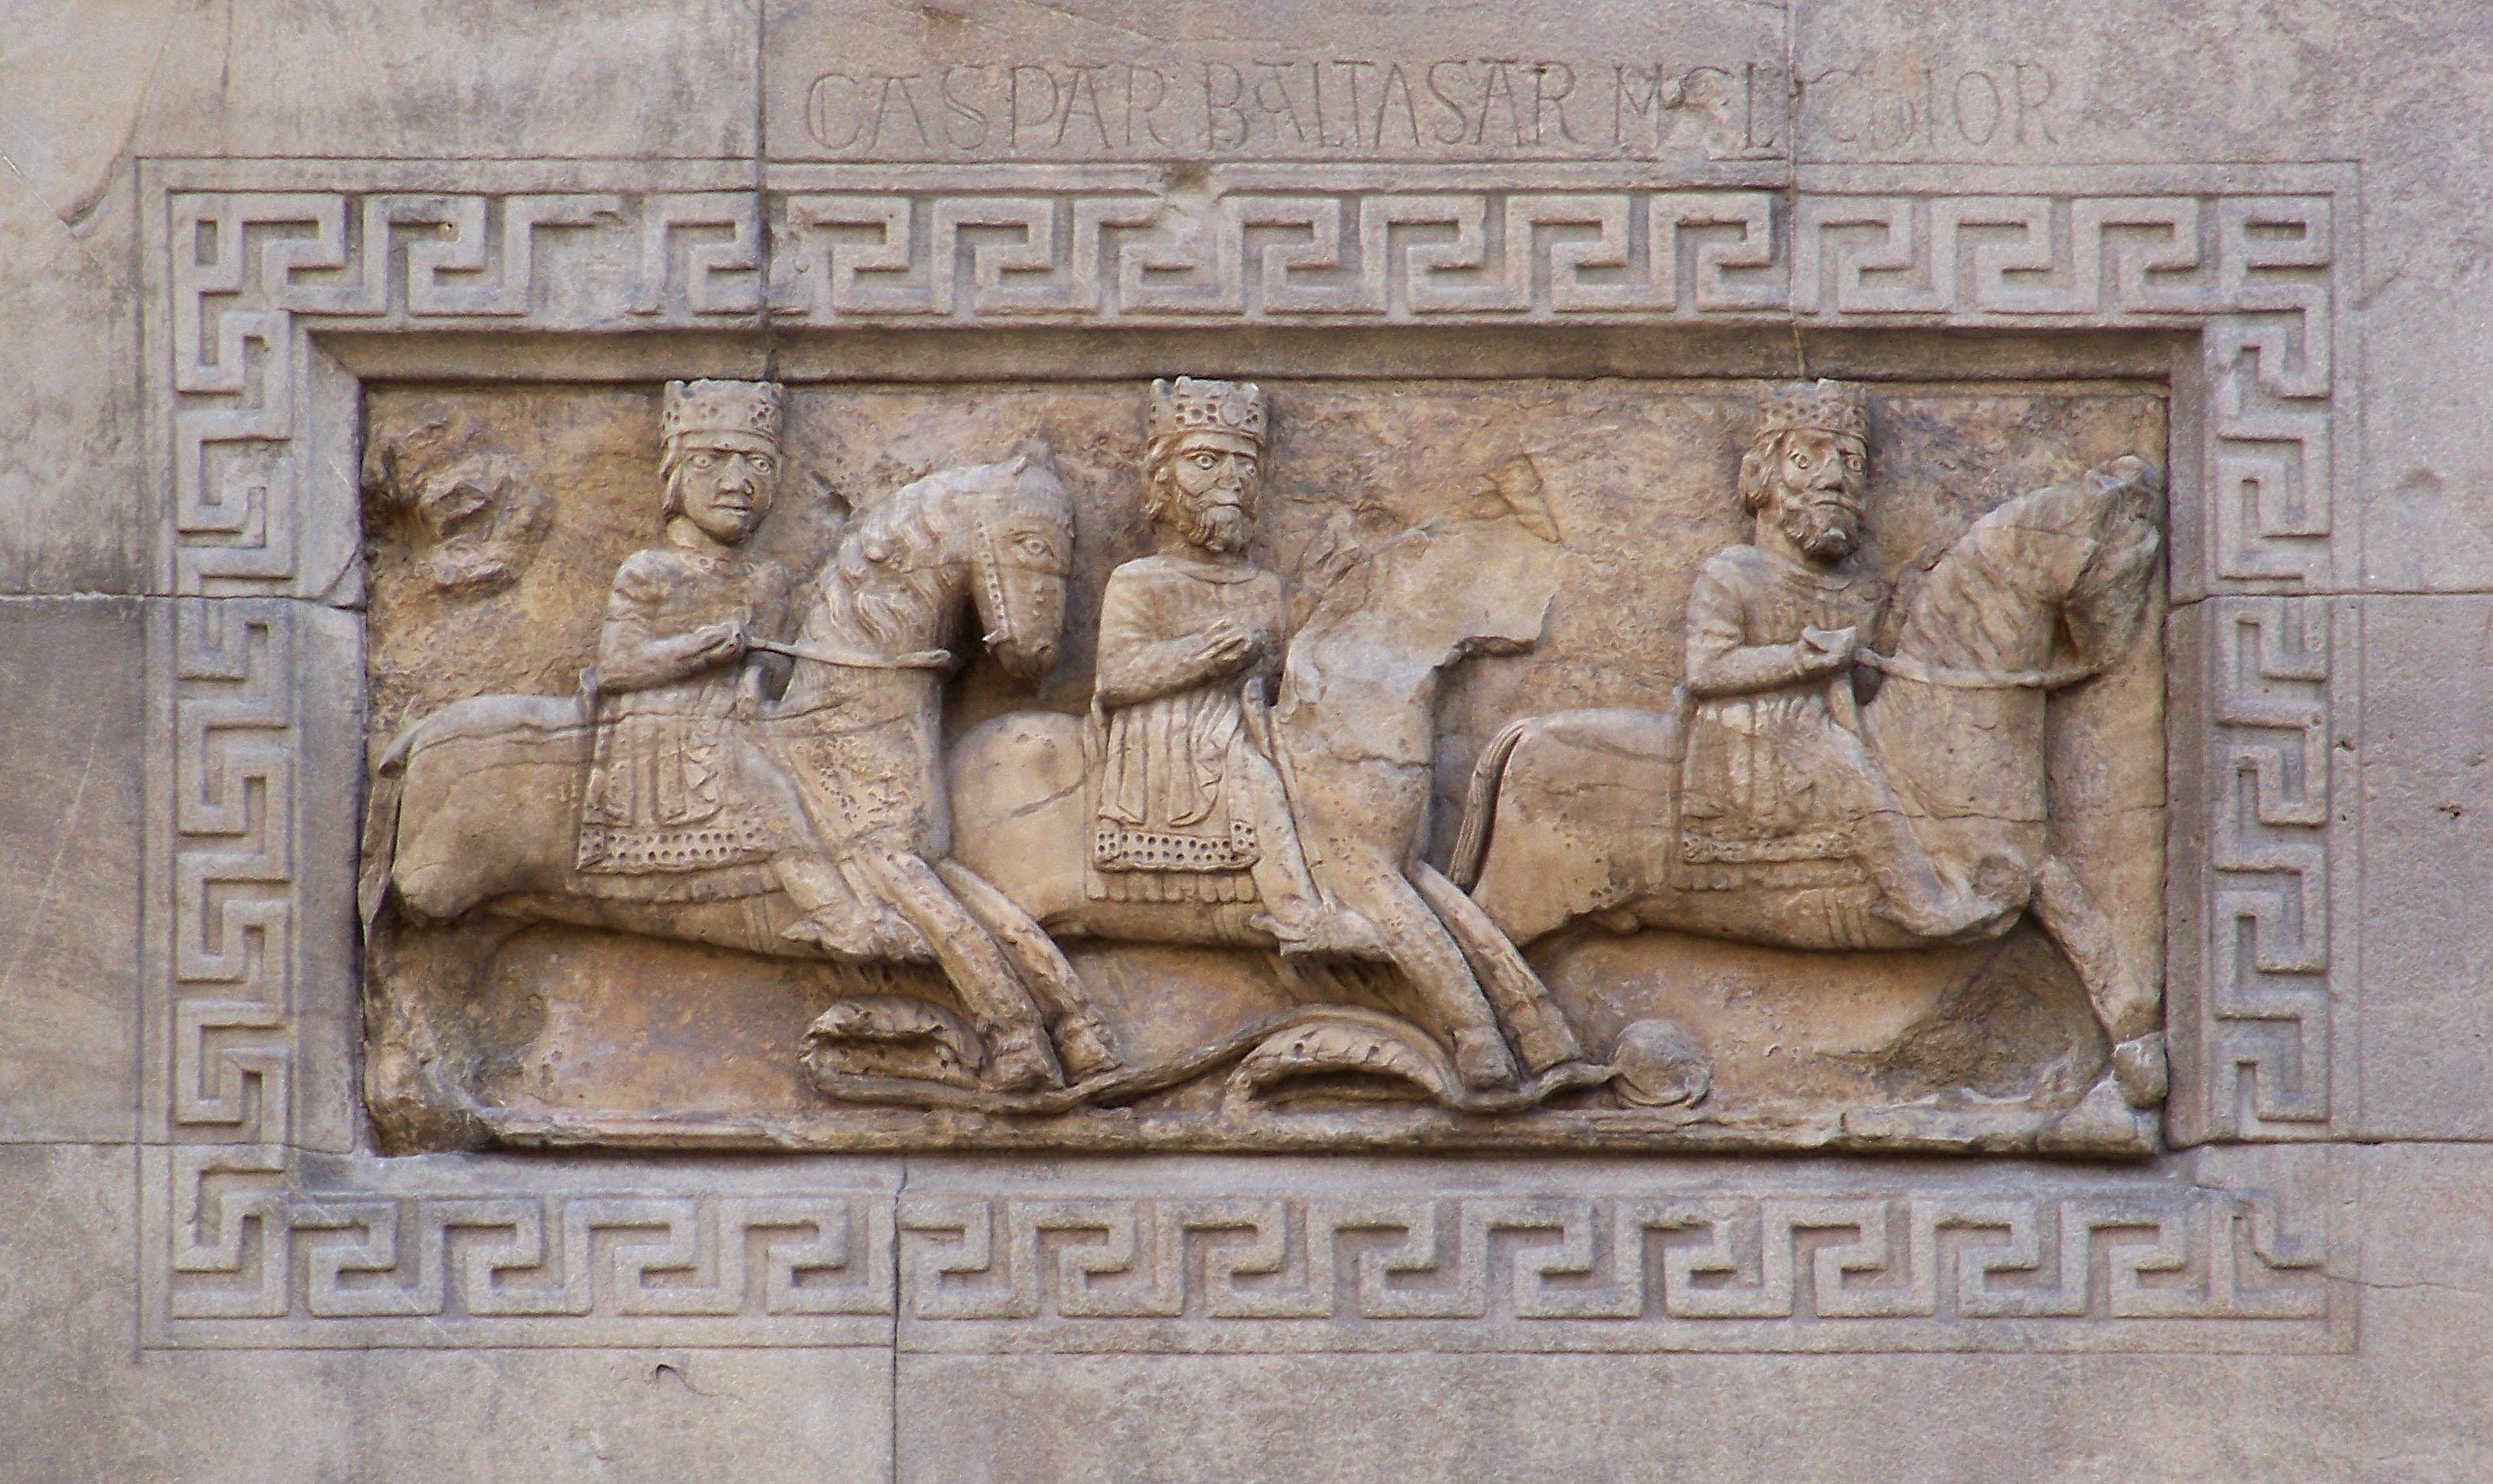 I Re Magi in viaggio scolpiti nella facciata del Duomo di Fidenza; sopra al bassorilievo i tre nomi: Caspar, Baltasar e Melchior.